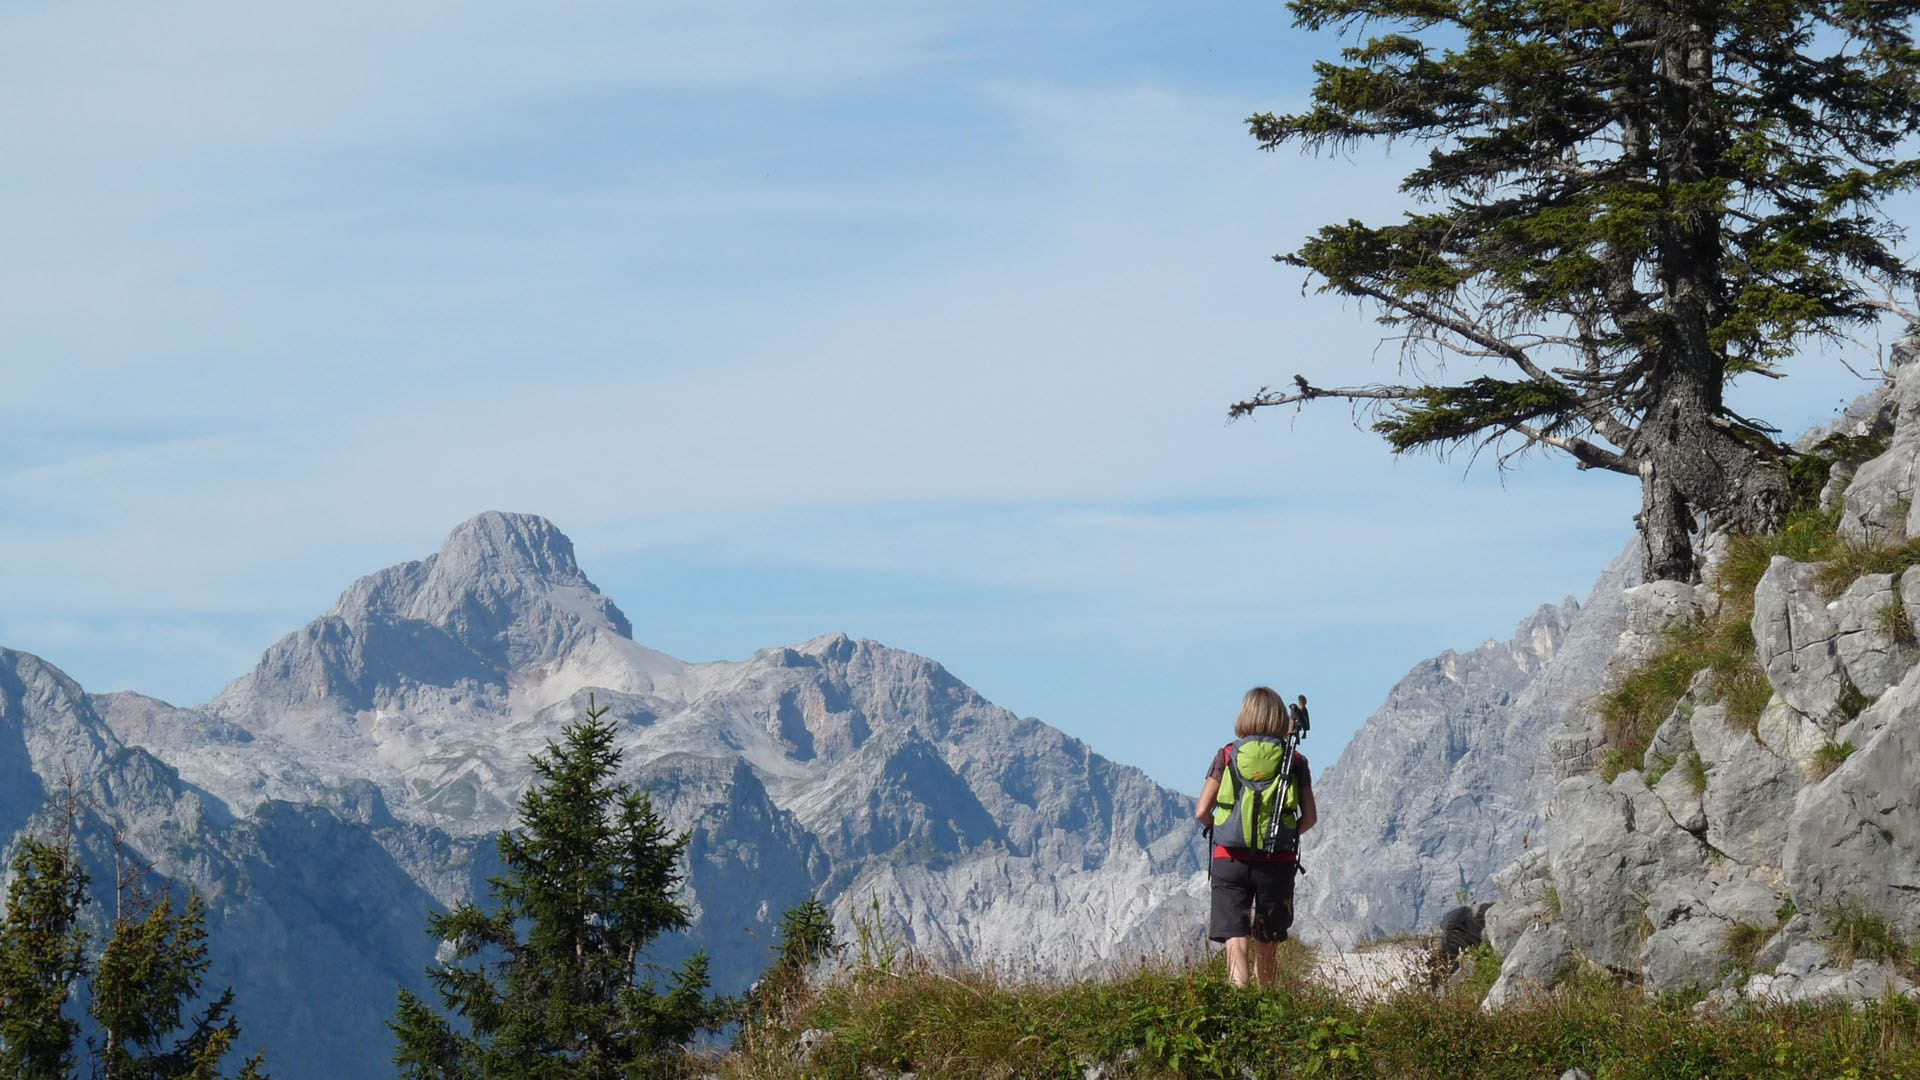 Wandern und Nachdenken